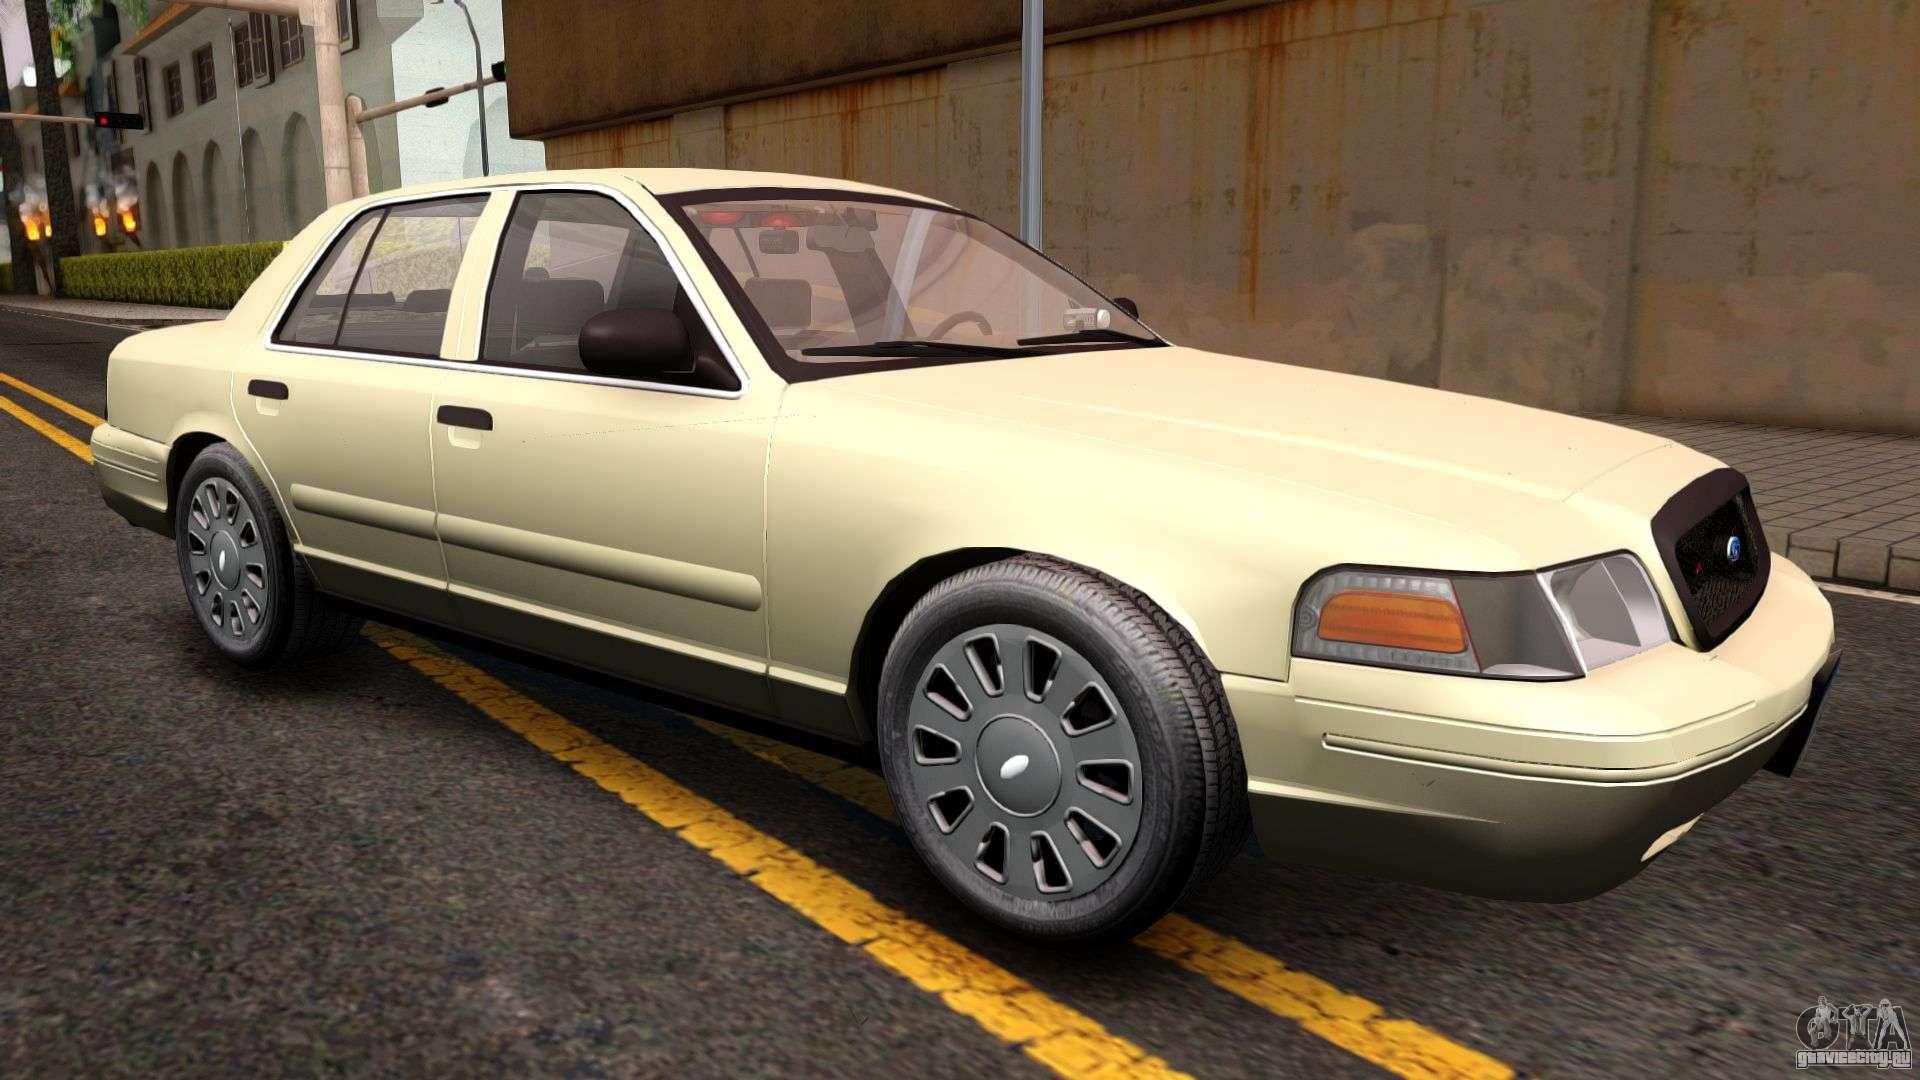 Ford Crown Victoria Unmarked   D B D Bb D F Gta San Andreas  D B D B D B  D  D Bf D  D B D B D B